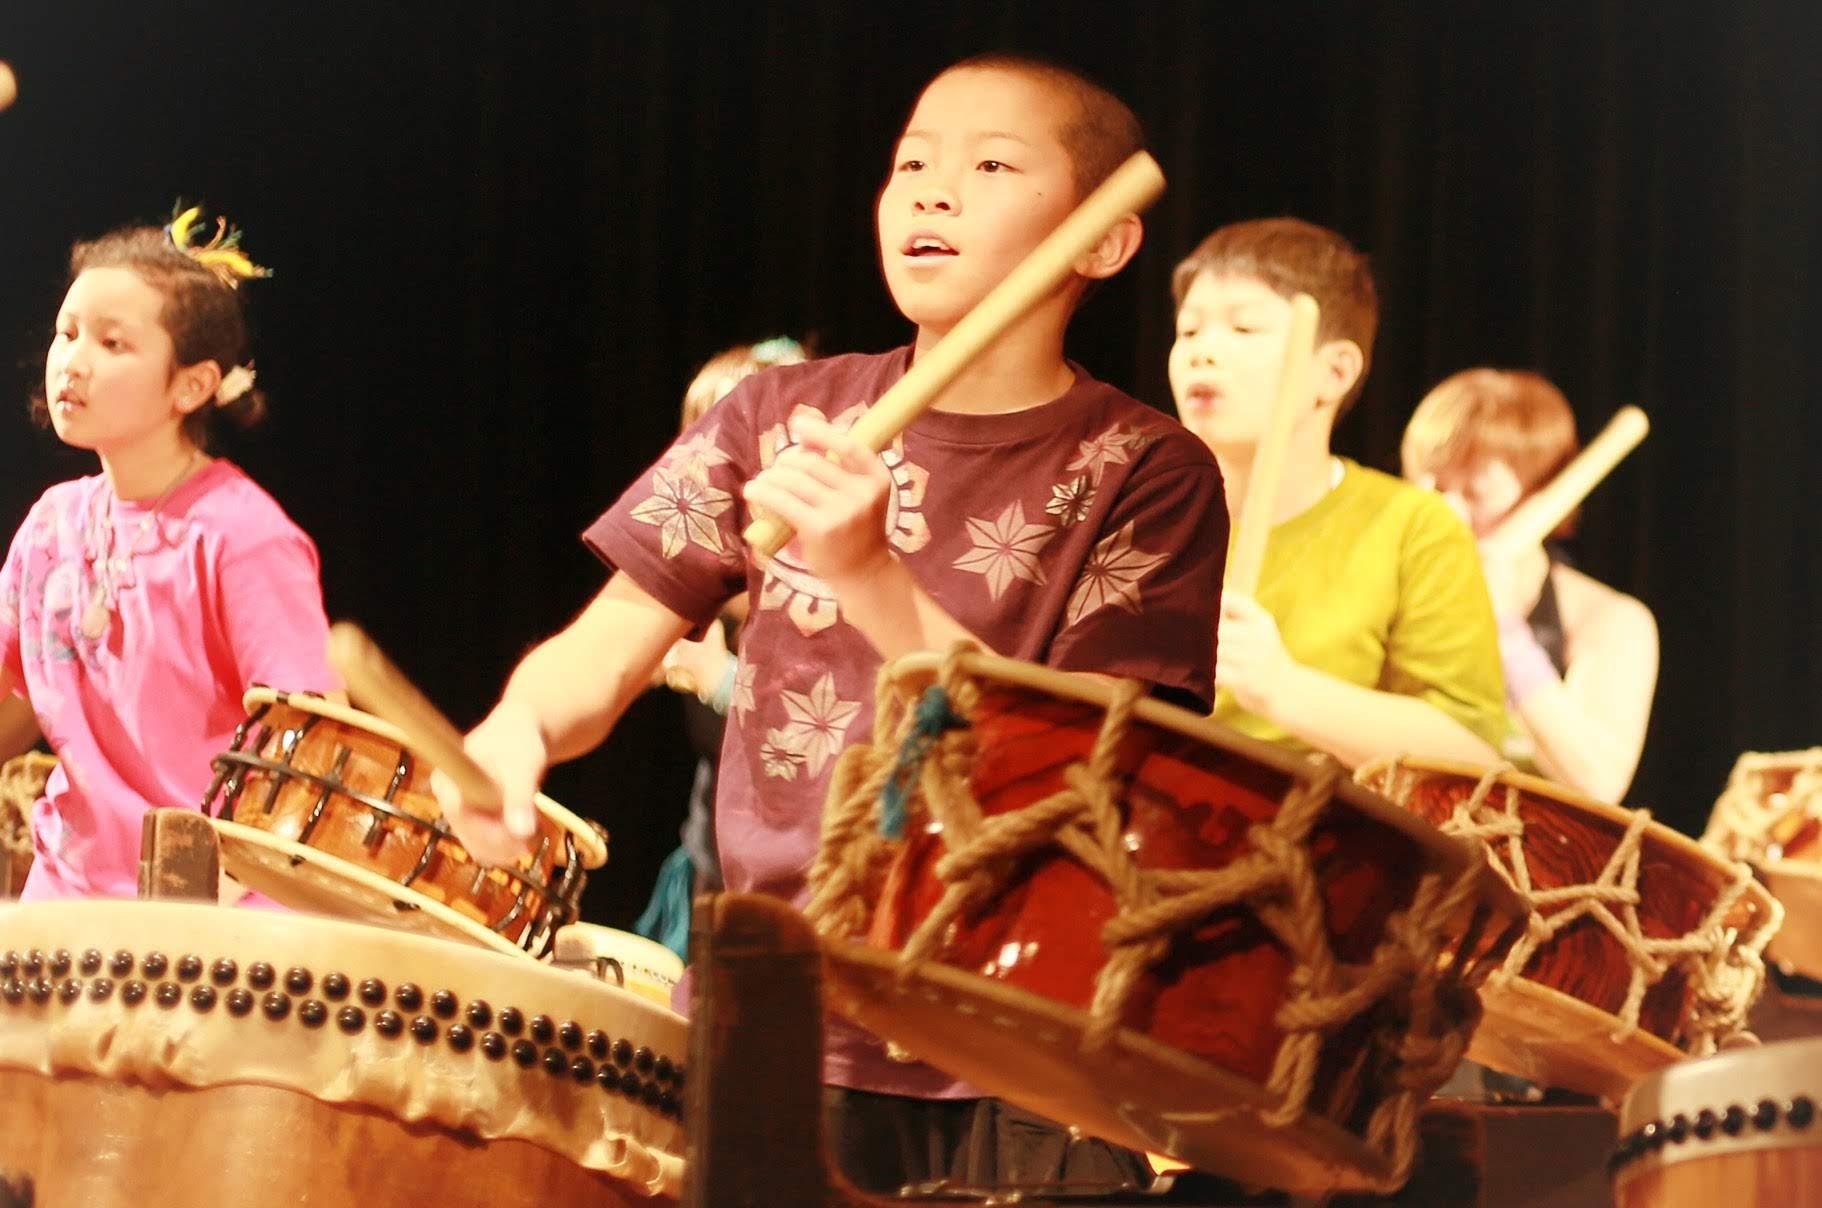 子供が和太鼓を叩いてる写真